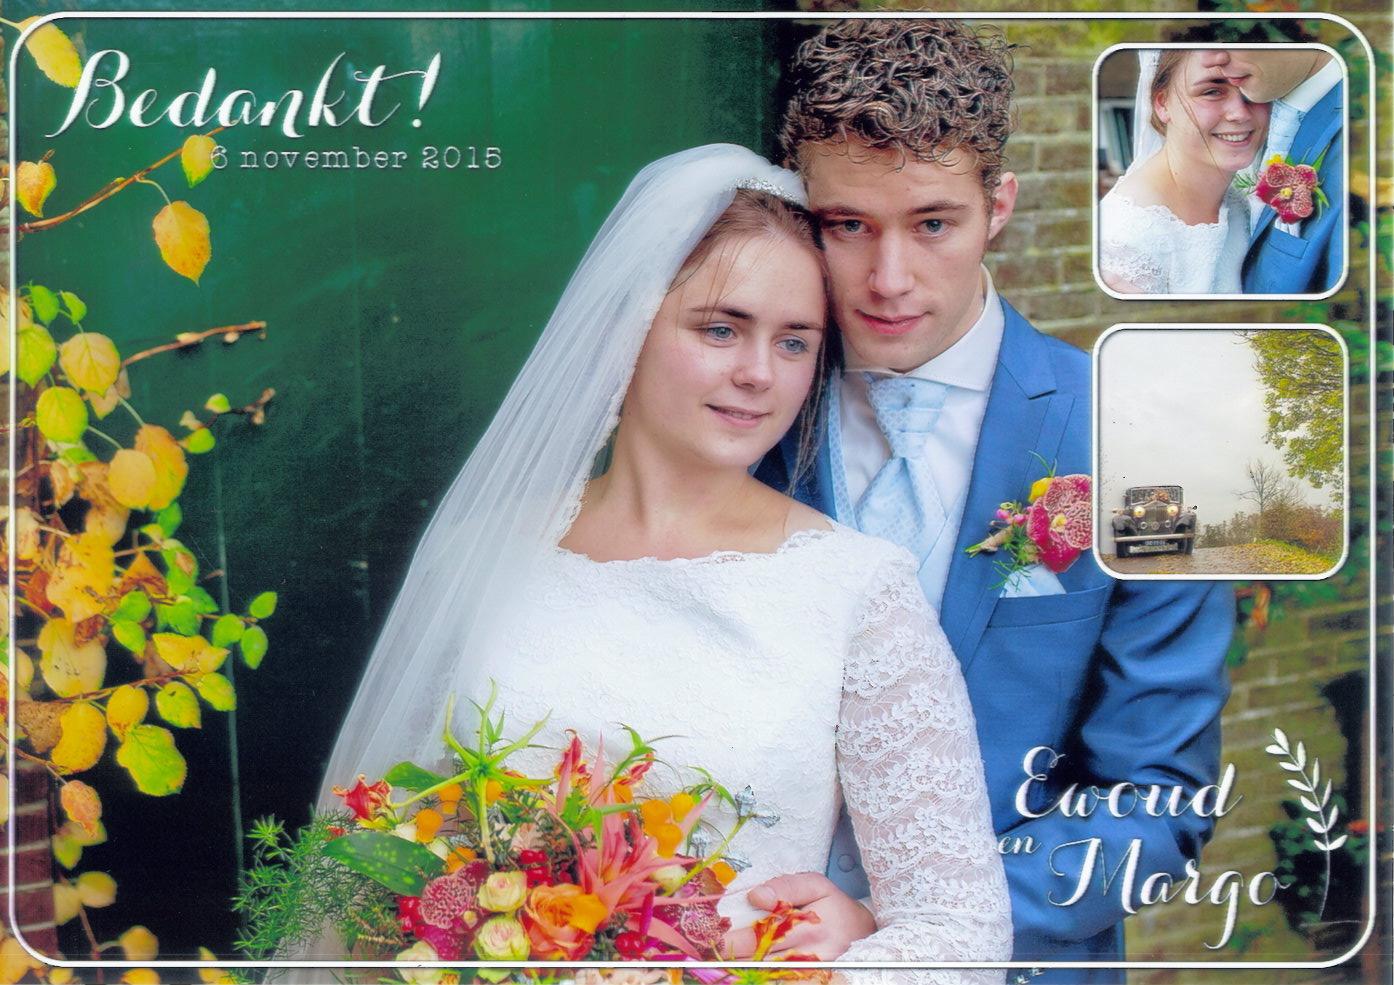 15-11-06 bruidspaar Ewoud Schuitmaker - Margo Kroon